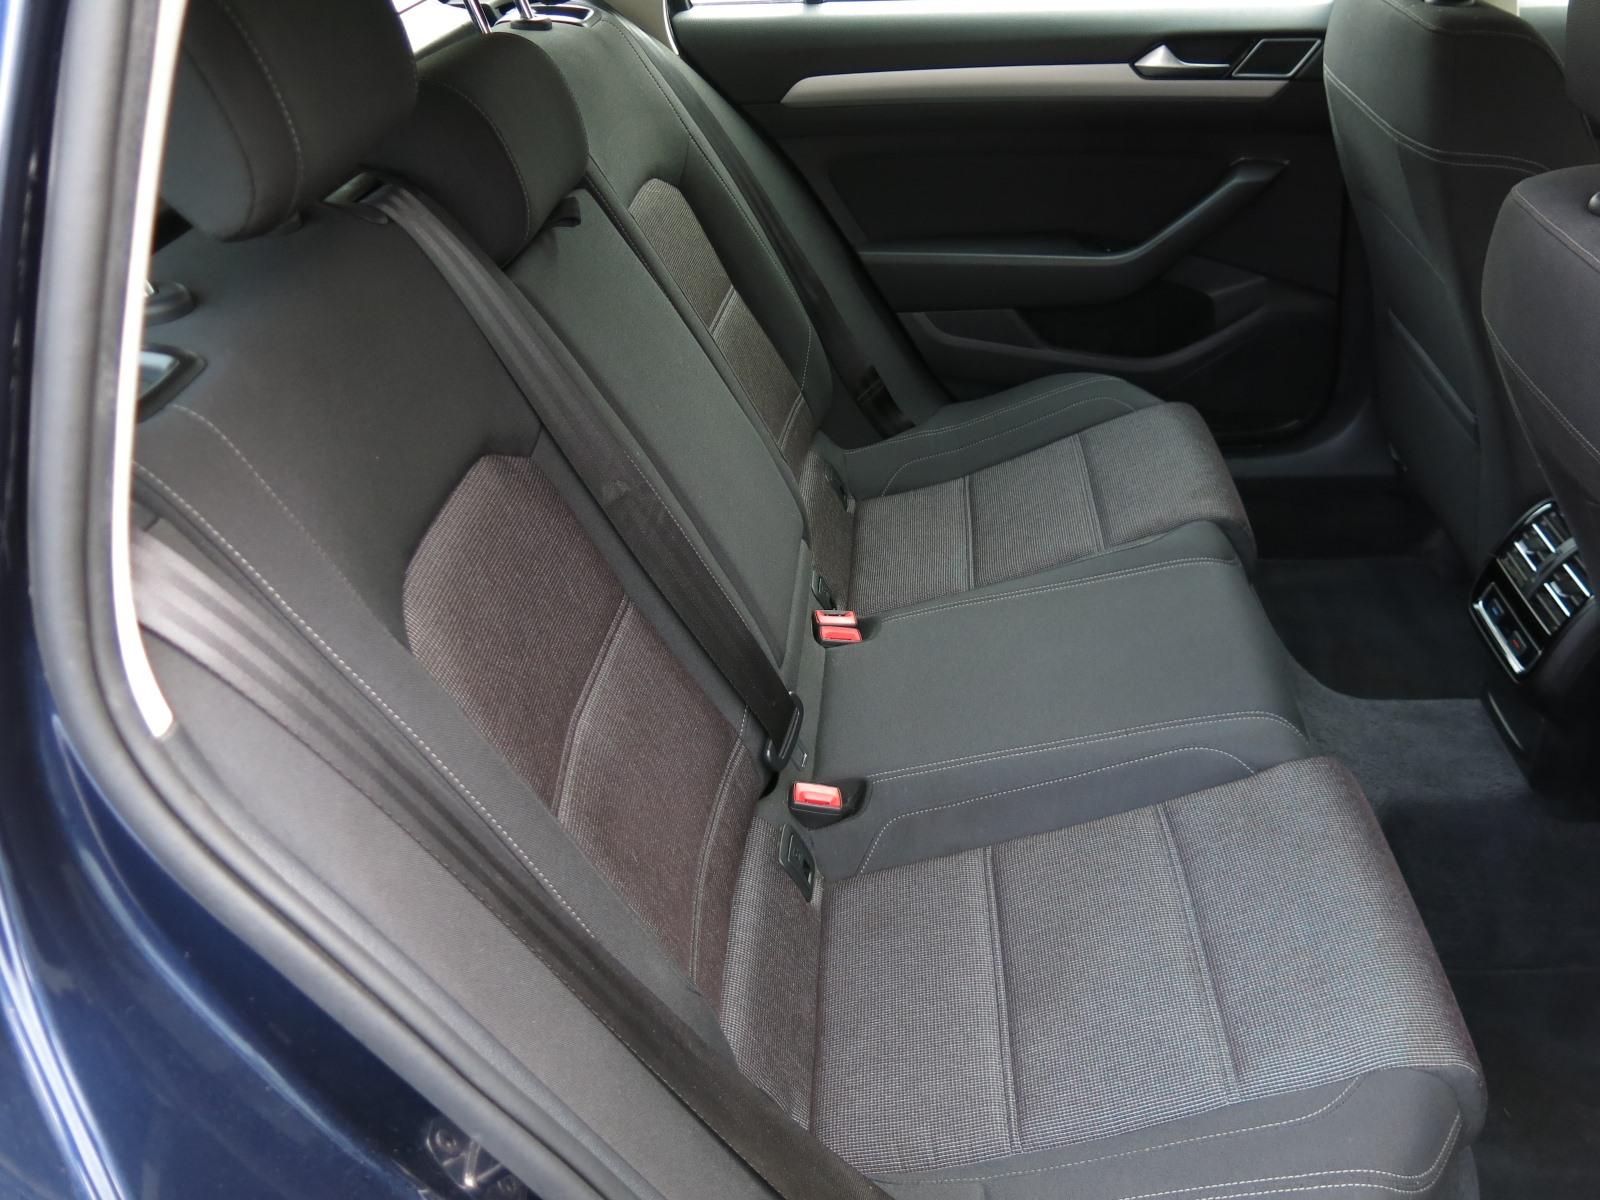 Volkswagen Passat, 2016 - pohled č. 15